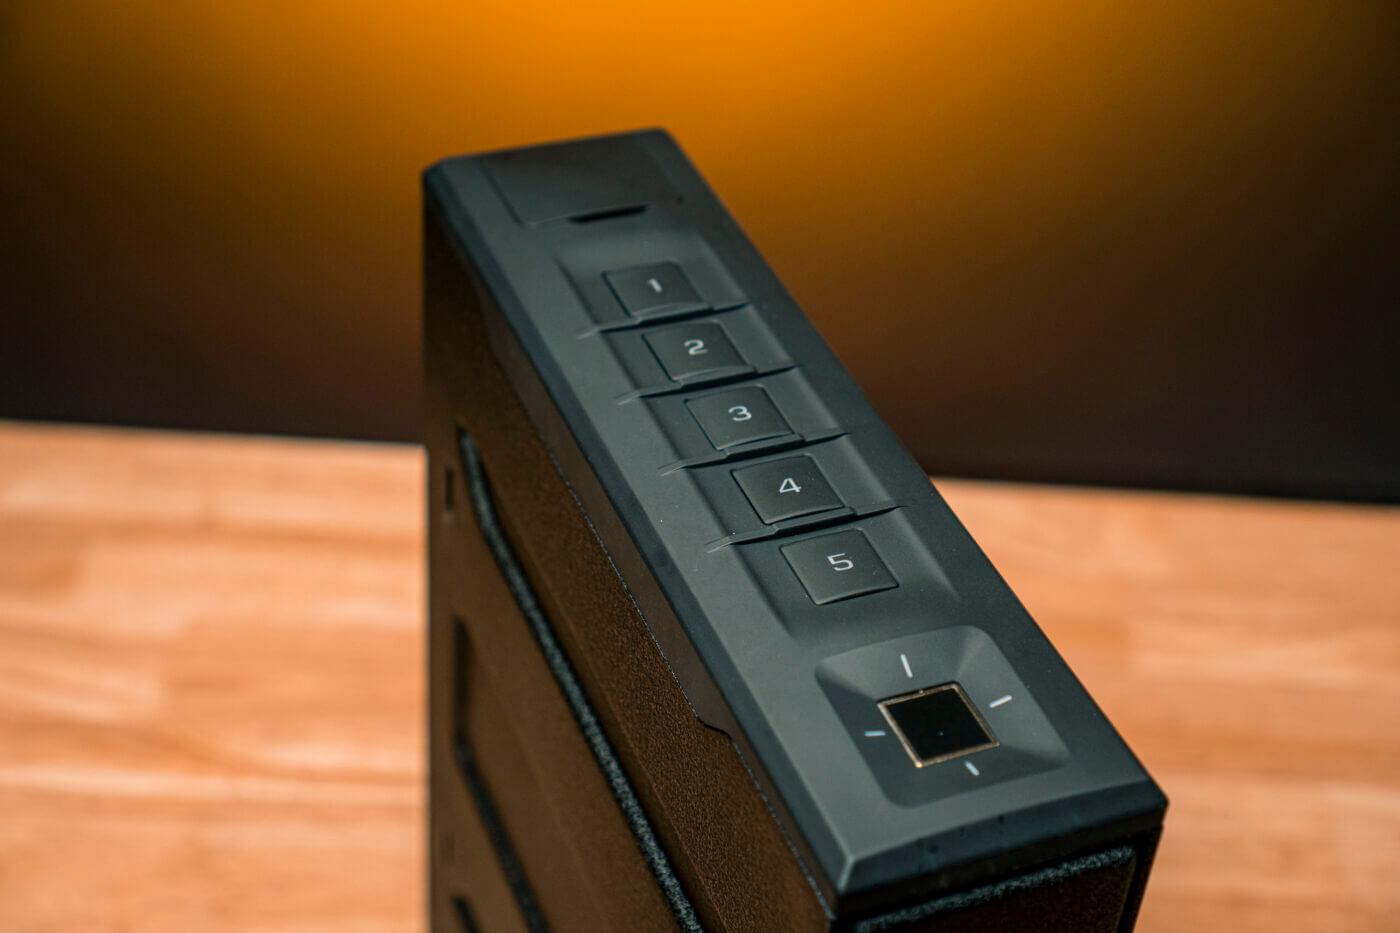 Vaultek Slider Series safe controls